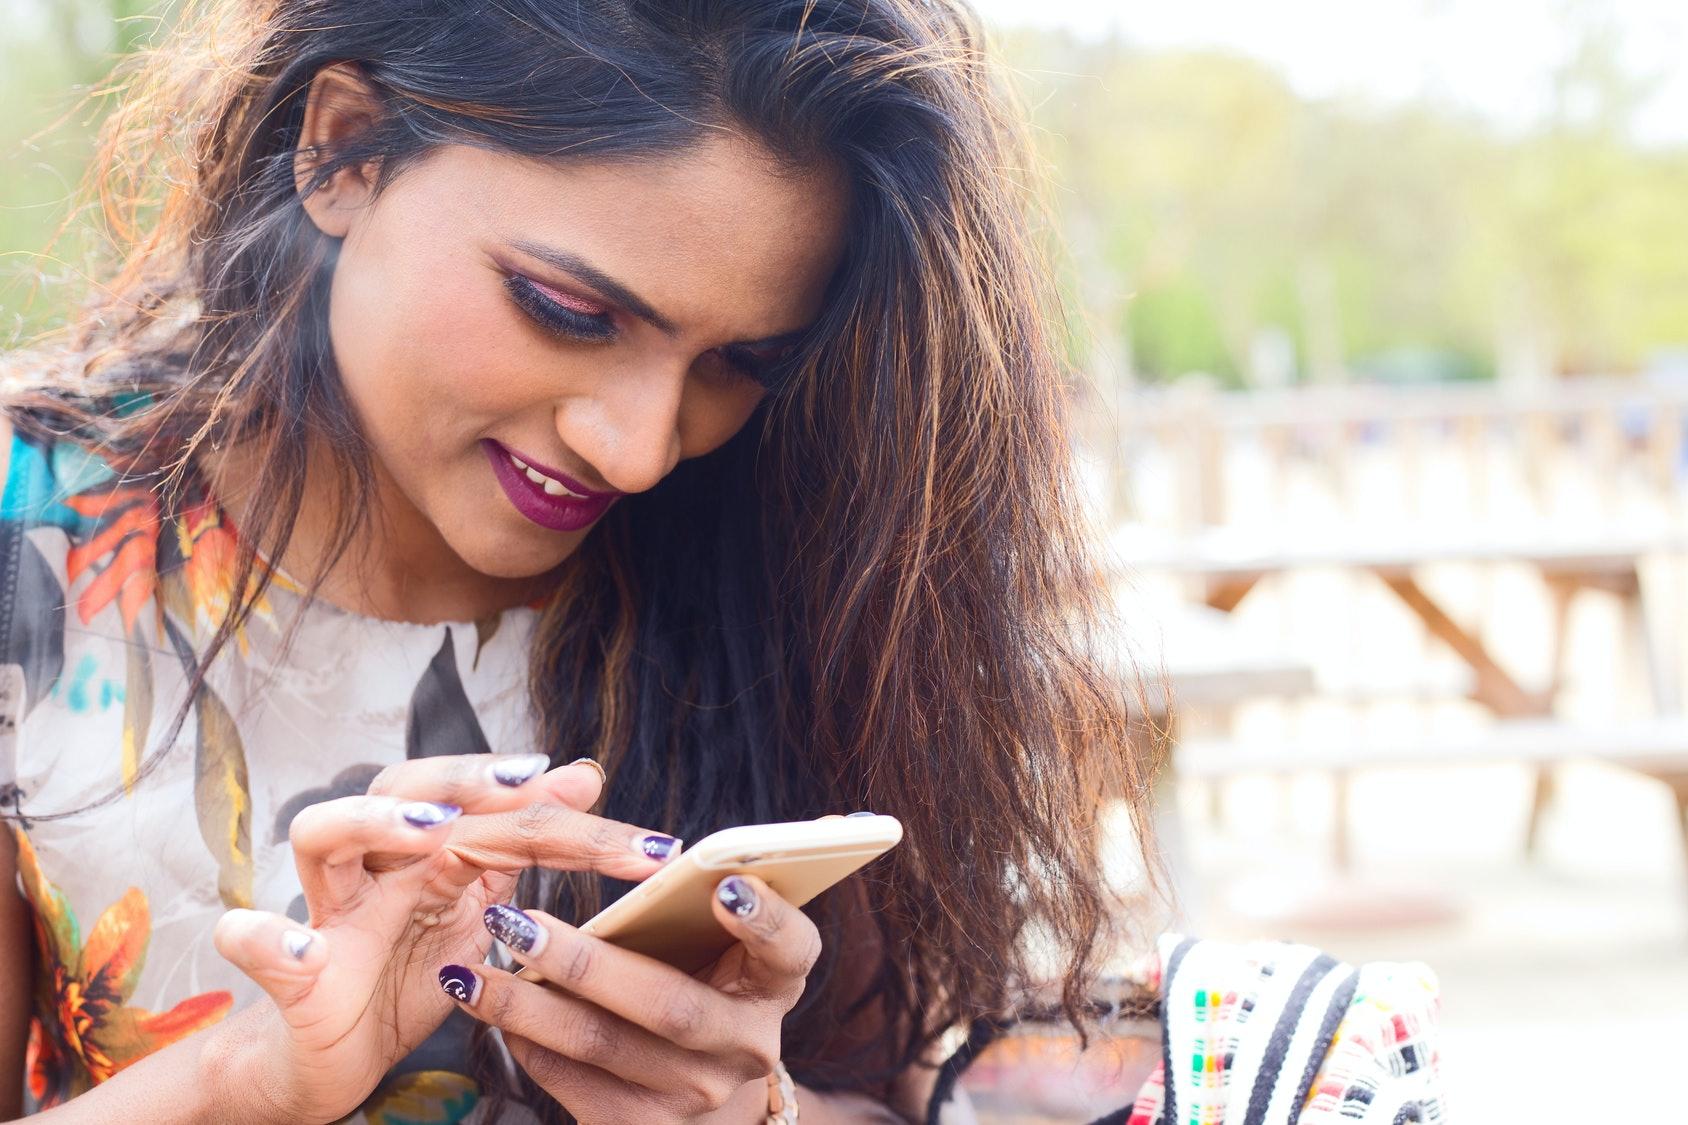 Runendeutung online dating